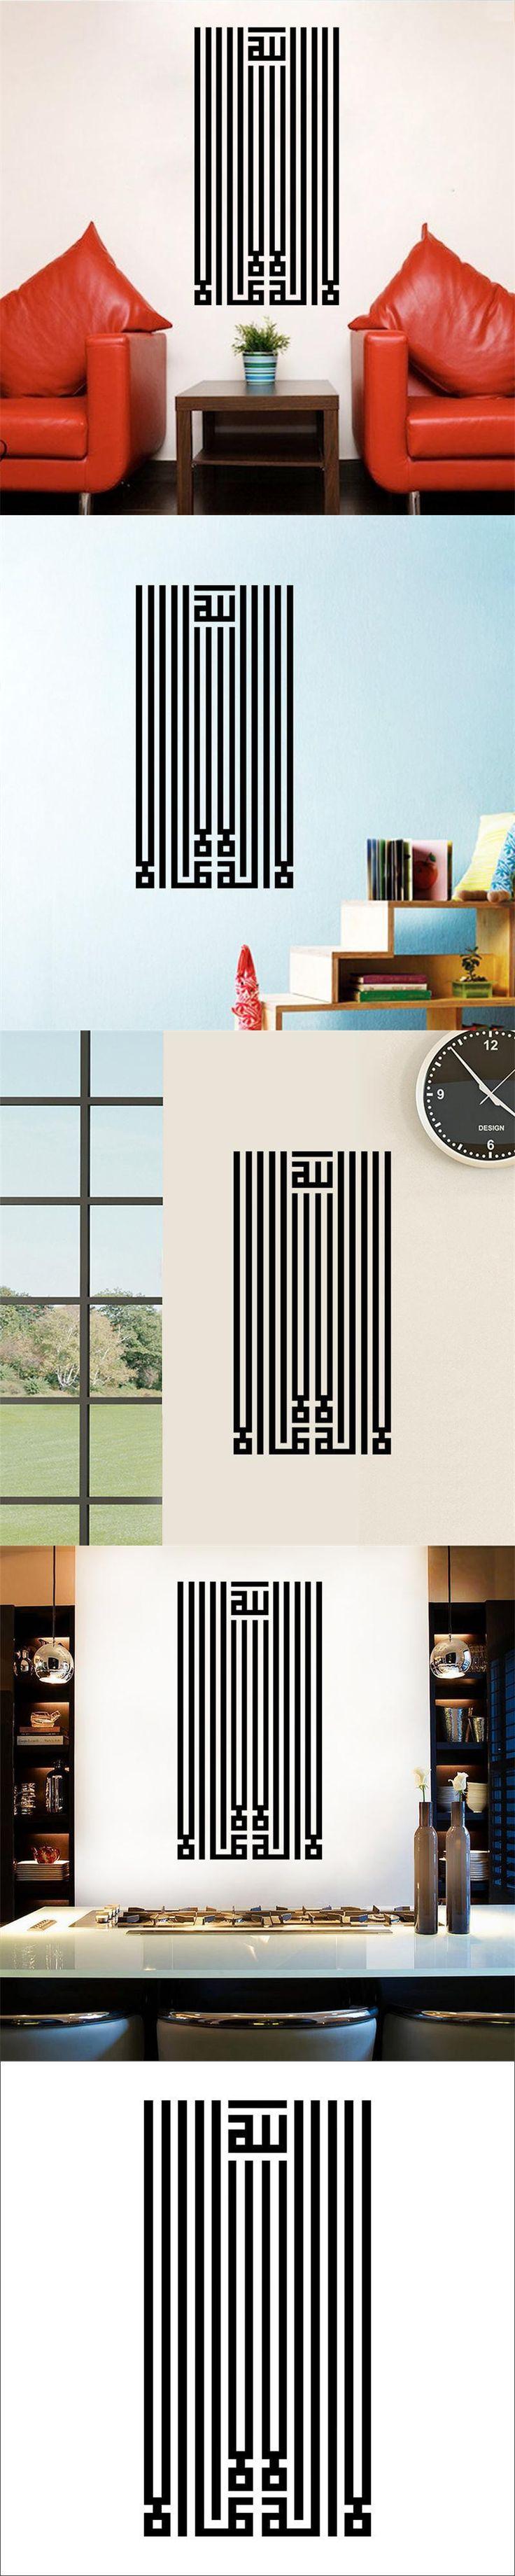 Islamic Muslim art BismillAllah Er Rehman Ur Rahikm wall sticker Inspiration home decor wallpaper ZY5603 $4.88